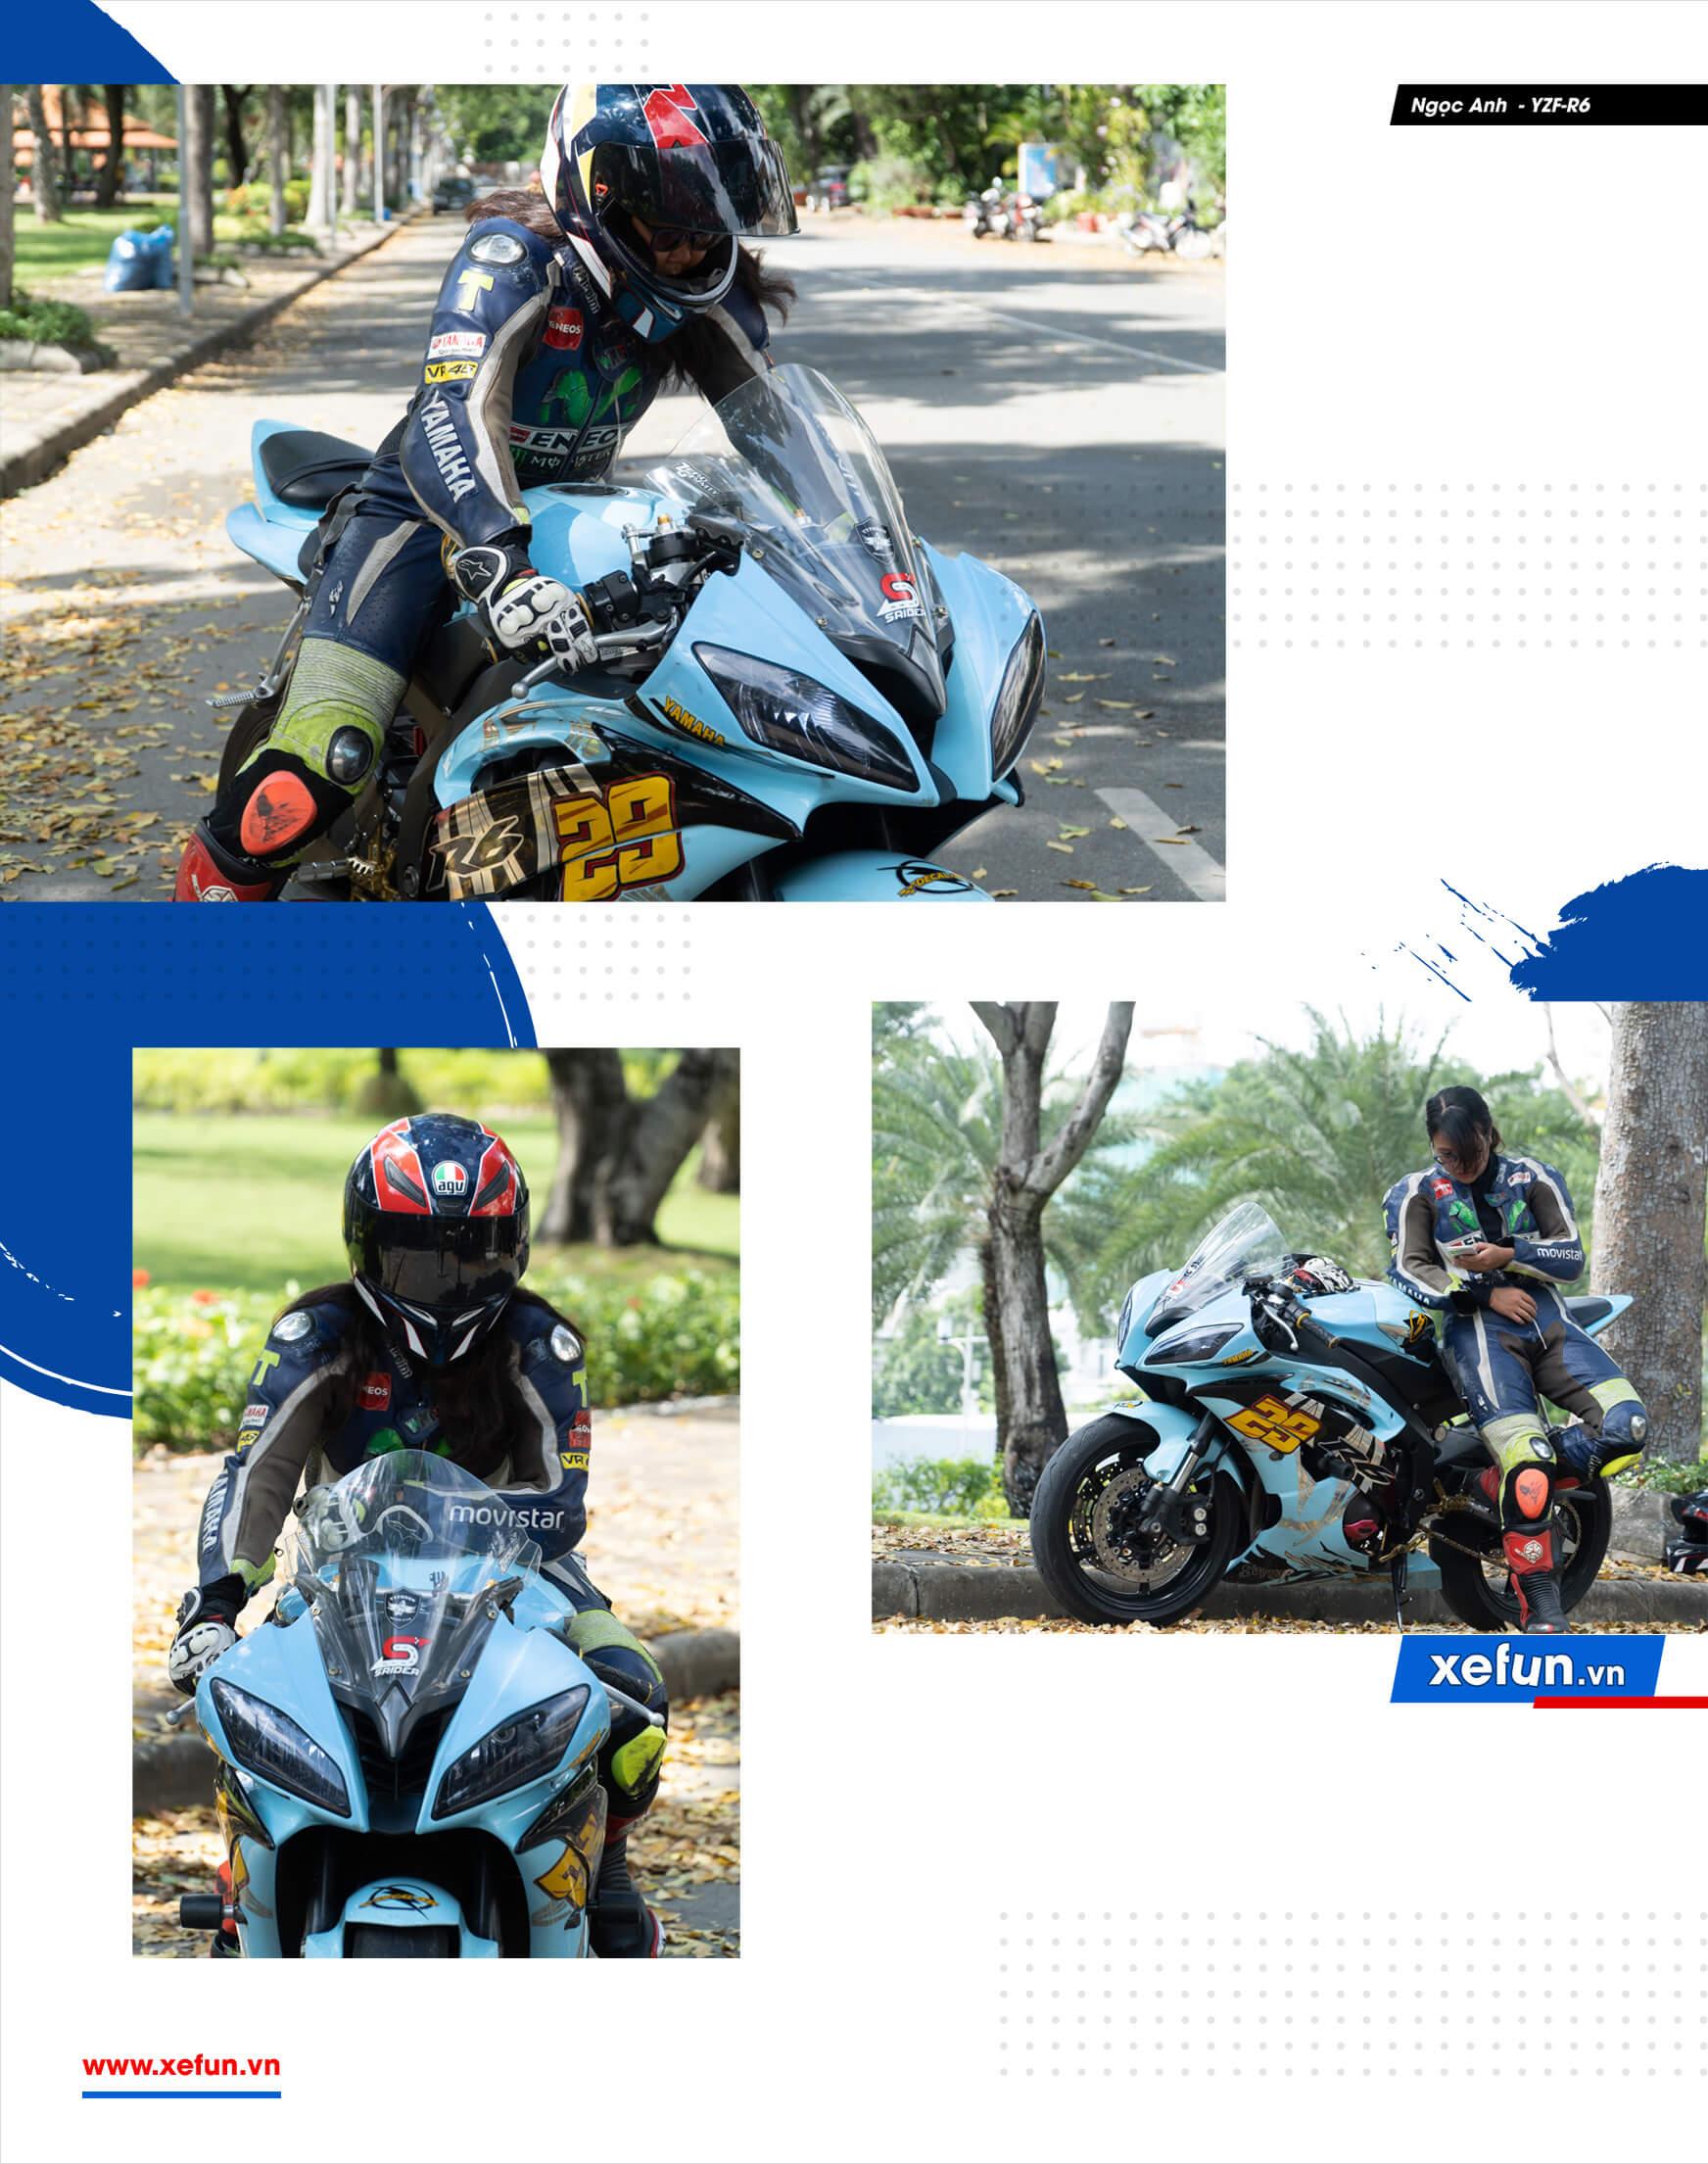 Nữ tay đua Ngọc Anh cùng phút trải lòng về ngựa hoang Yamaha R6 trên Xefun